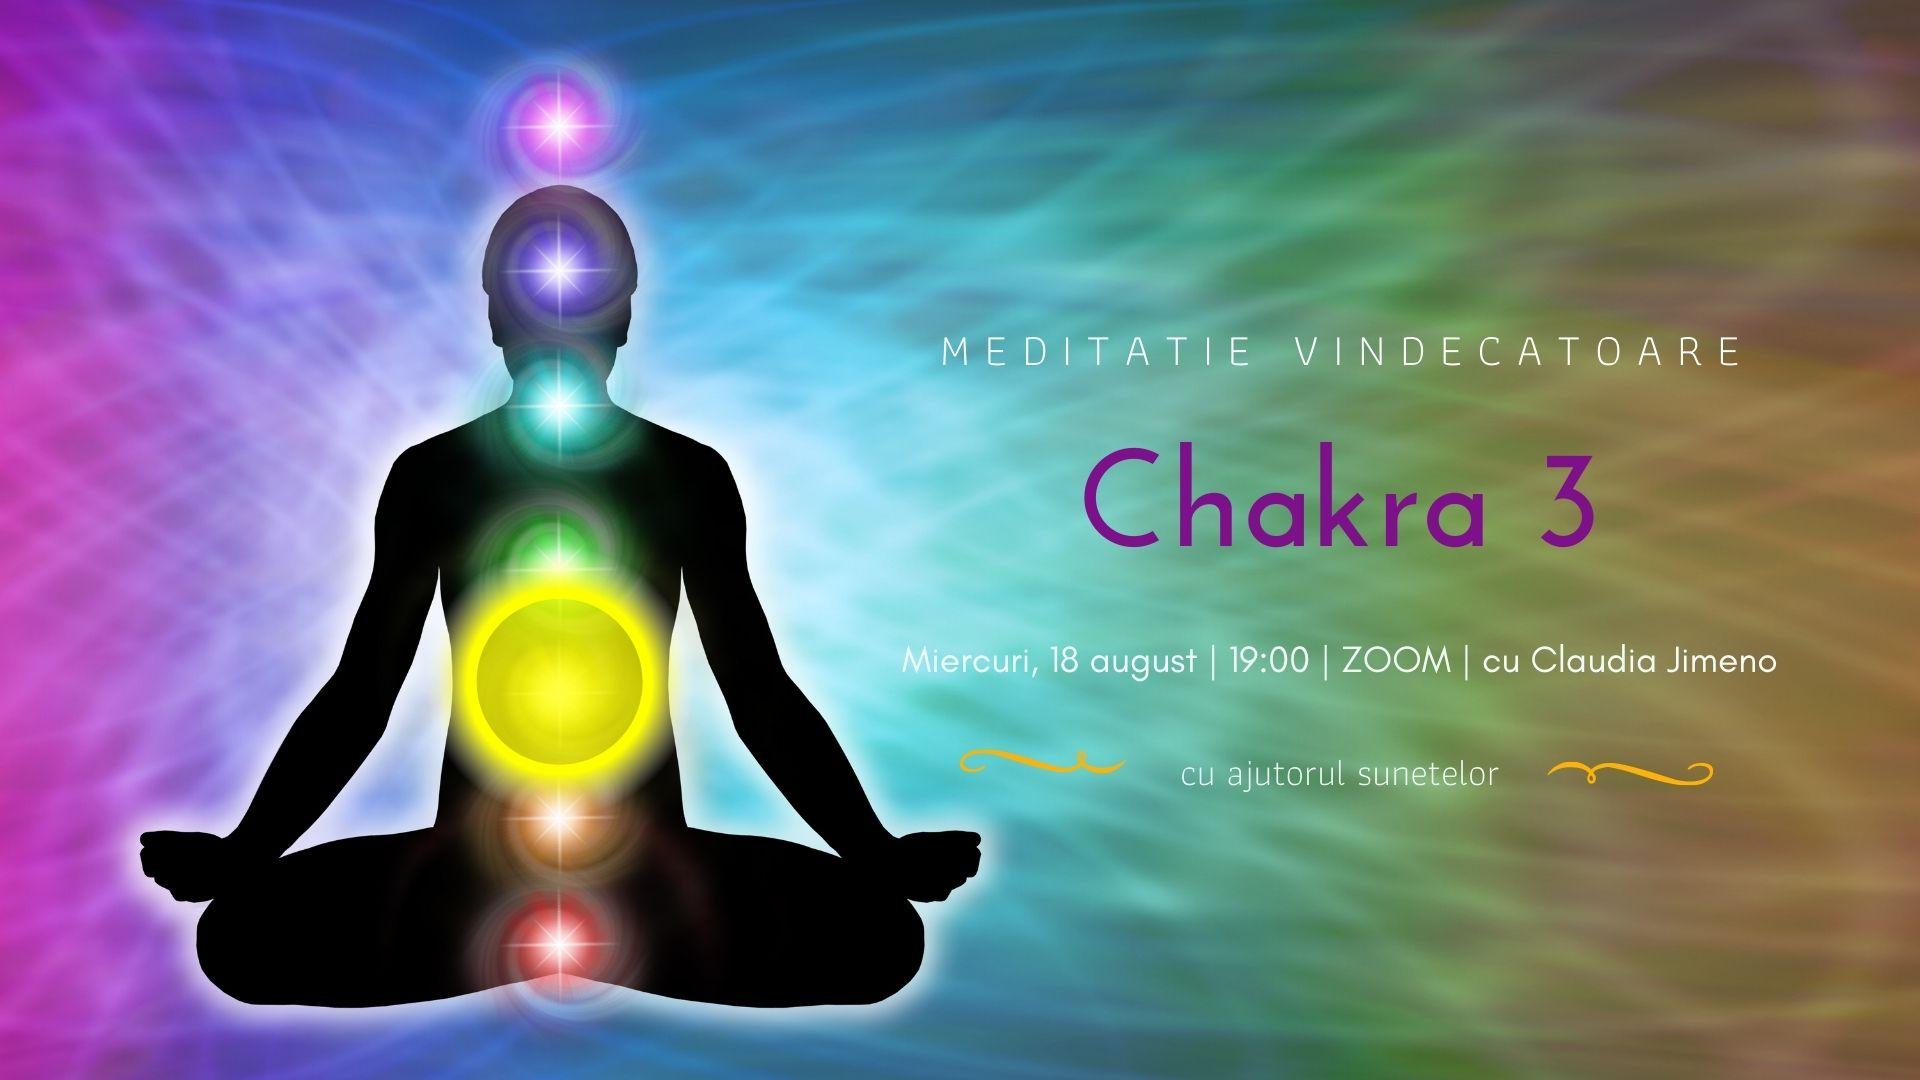 Crestere spirituala meditatie de vindecare chakra a 3-a